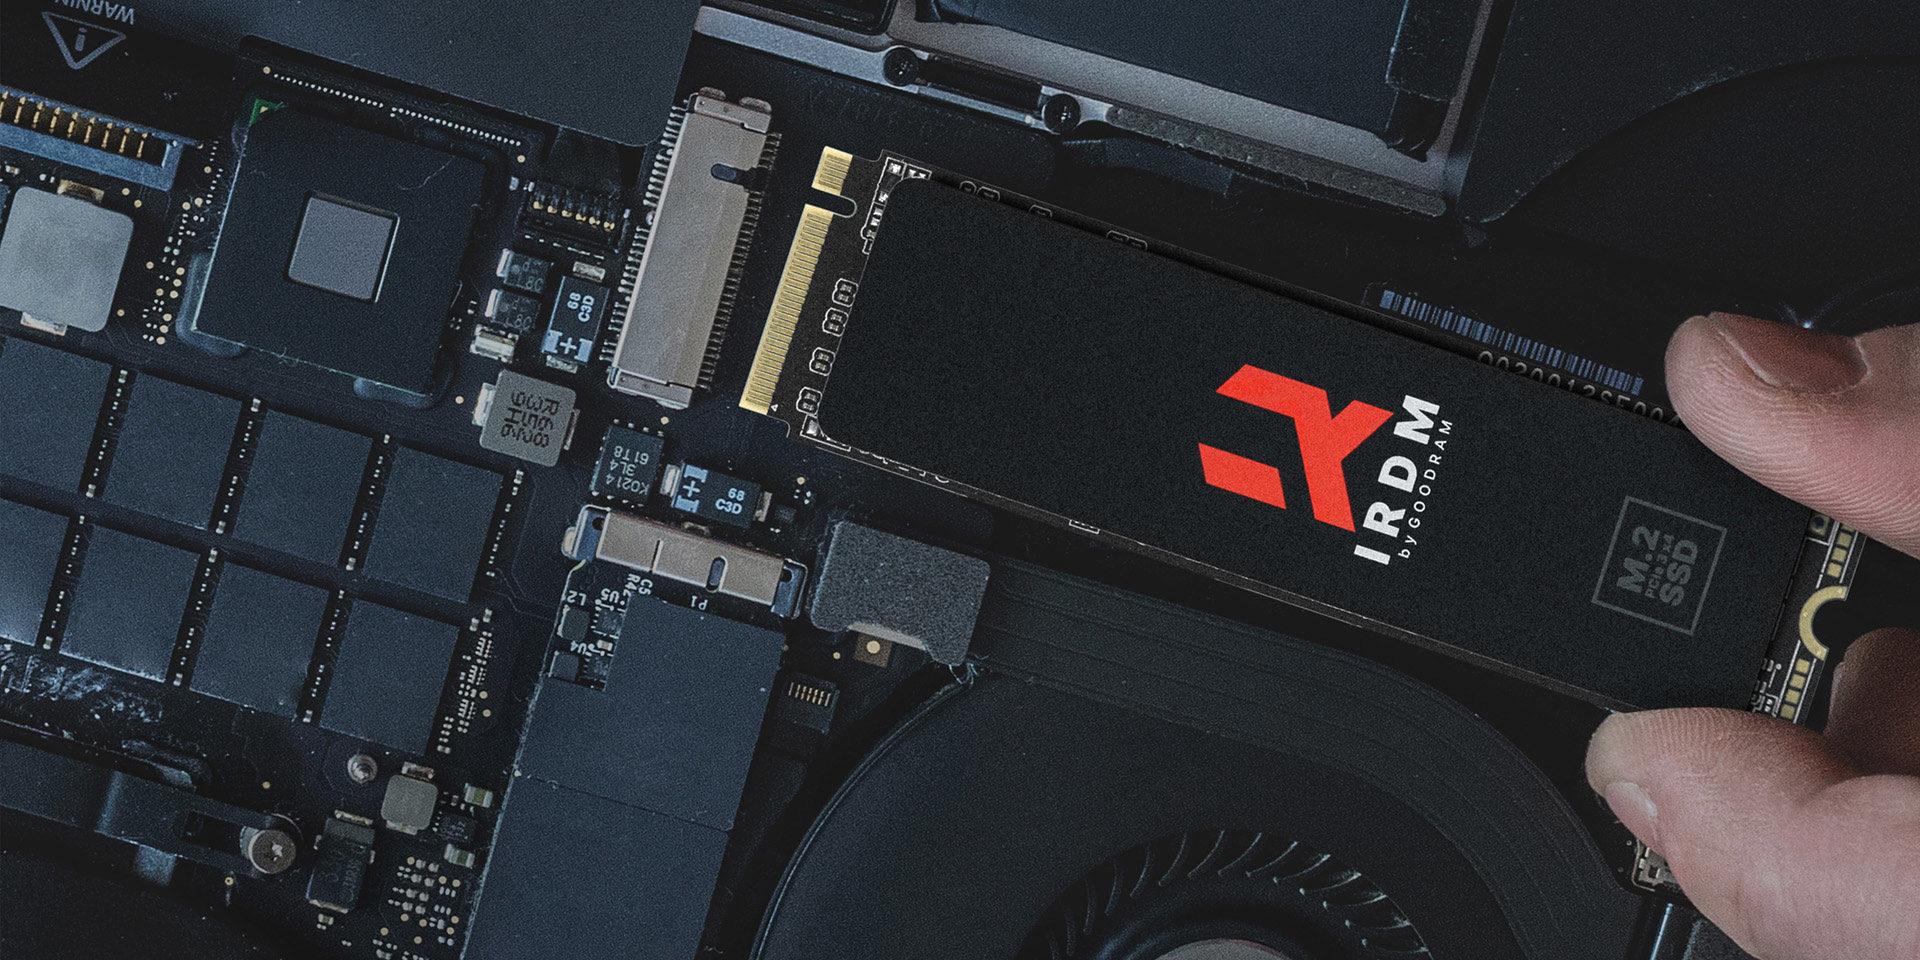 IRDM M.2 SSD